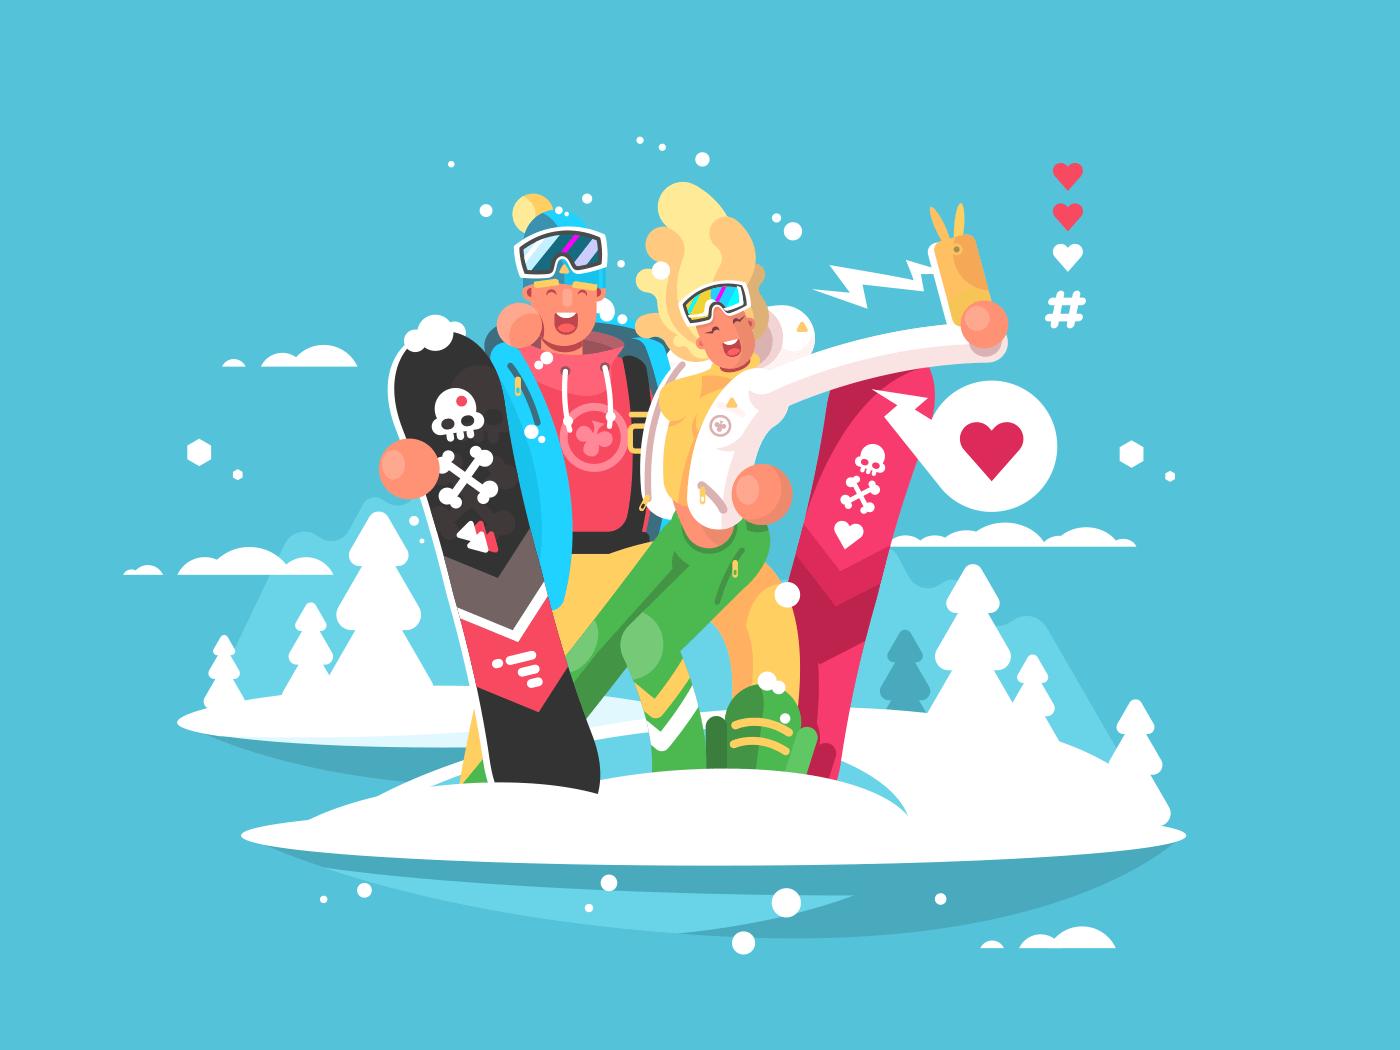 Happy couple snowboarders